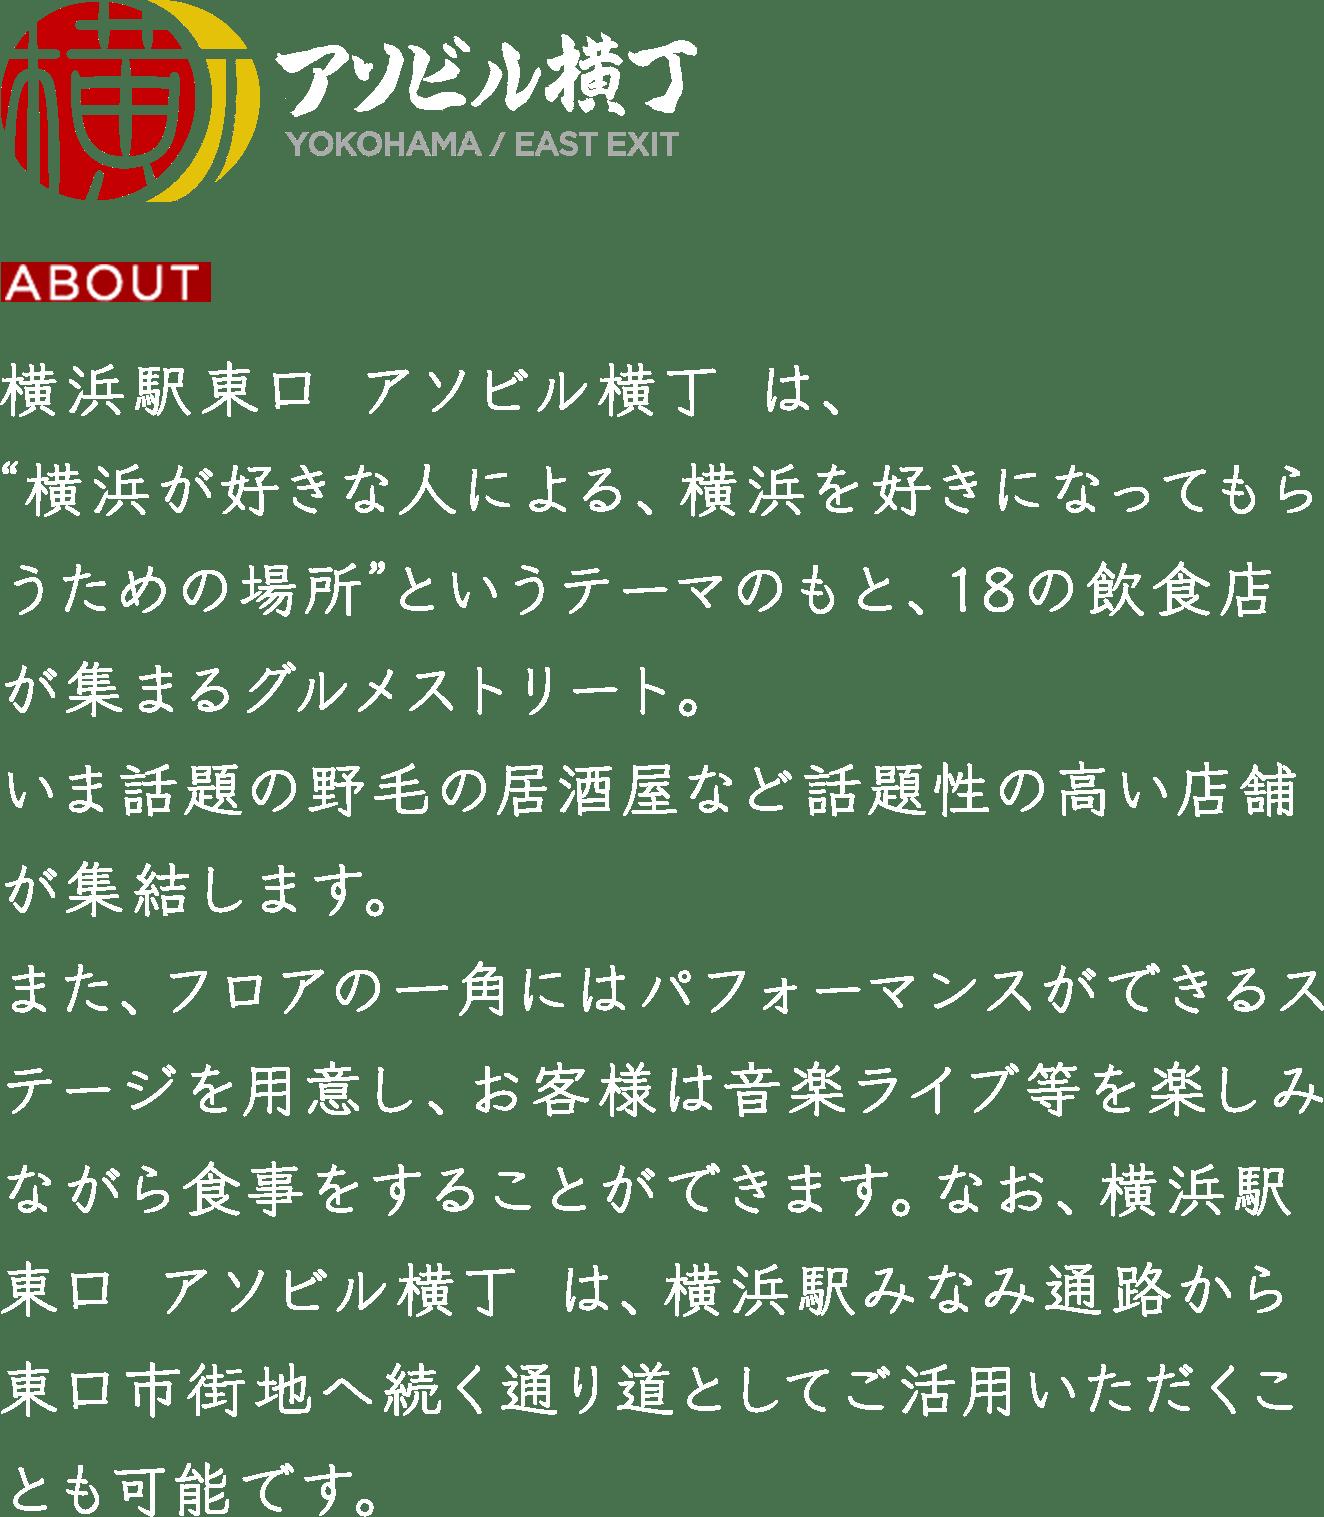 """横浜駅東口 アソビル横丁 は、横浜が好きな人による、横浜を好きになってもらうための場所""""というテーマのもと、18の飲食店が集まるグルメストリート。いま話題の野毛の居酒屋など話題性の高い店舗が集結します。"""